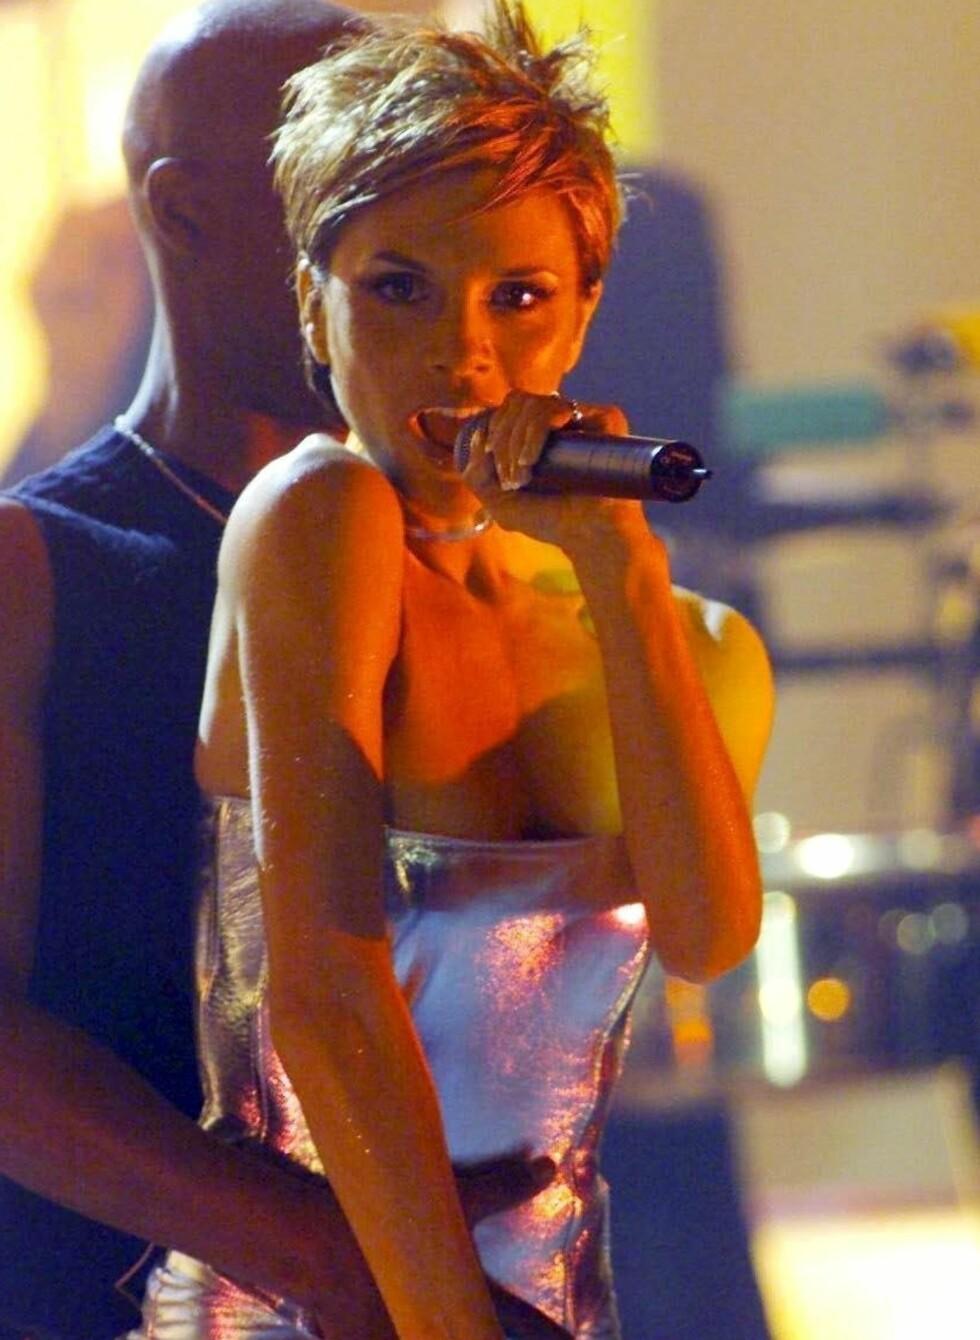 Den korte, bustete sveisen med flat pannelugg var en av 90-tallets trendvinnere. Her er Victoria Beckham, da kjent som Victoria Adams aka Posh i Spice Girls, som demonstrerer den rette looken.  Foto: All Over Press